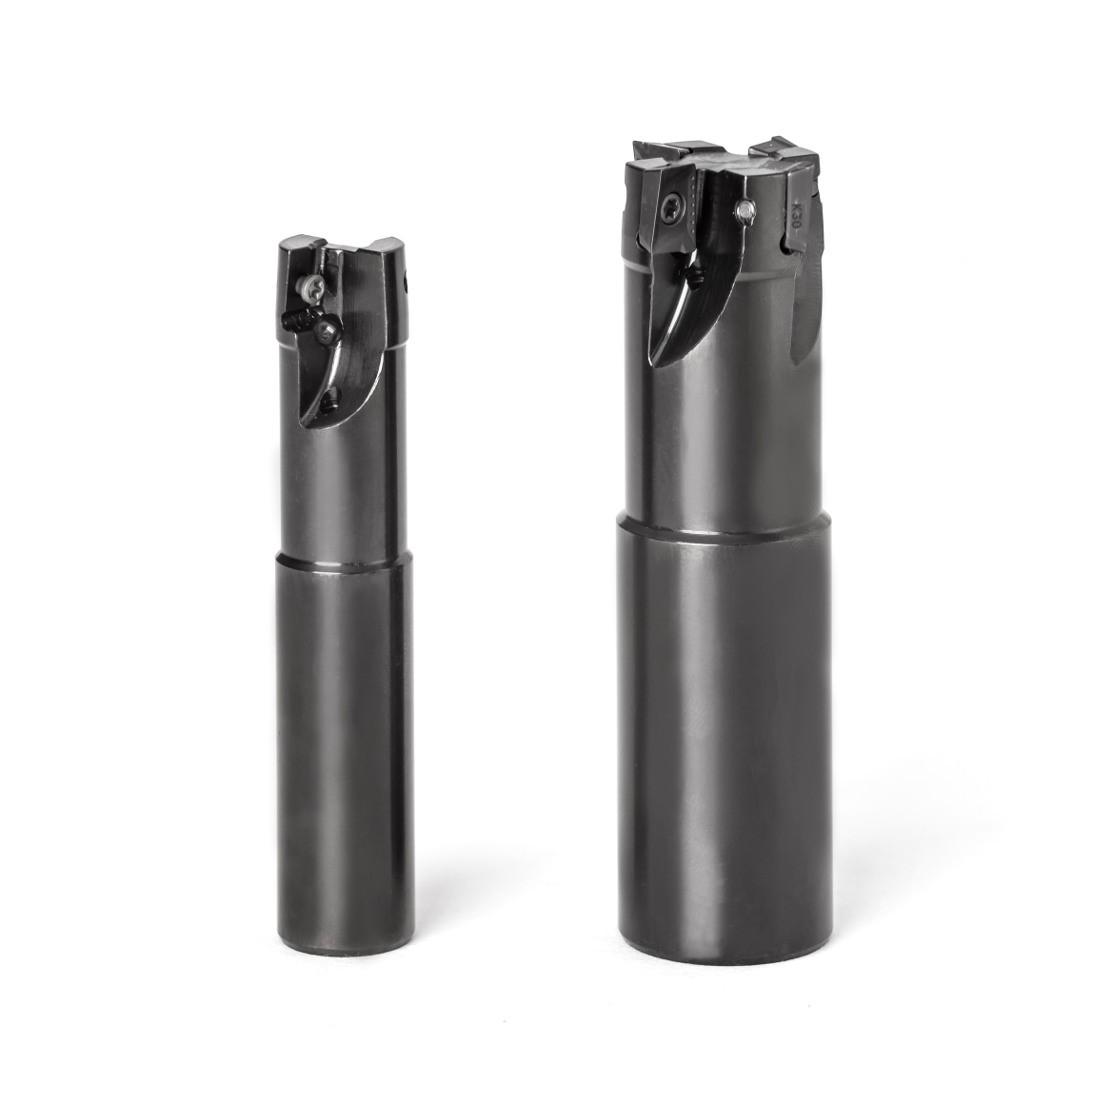 APKT Schaftfräser 16mm / 25mm